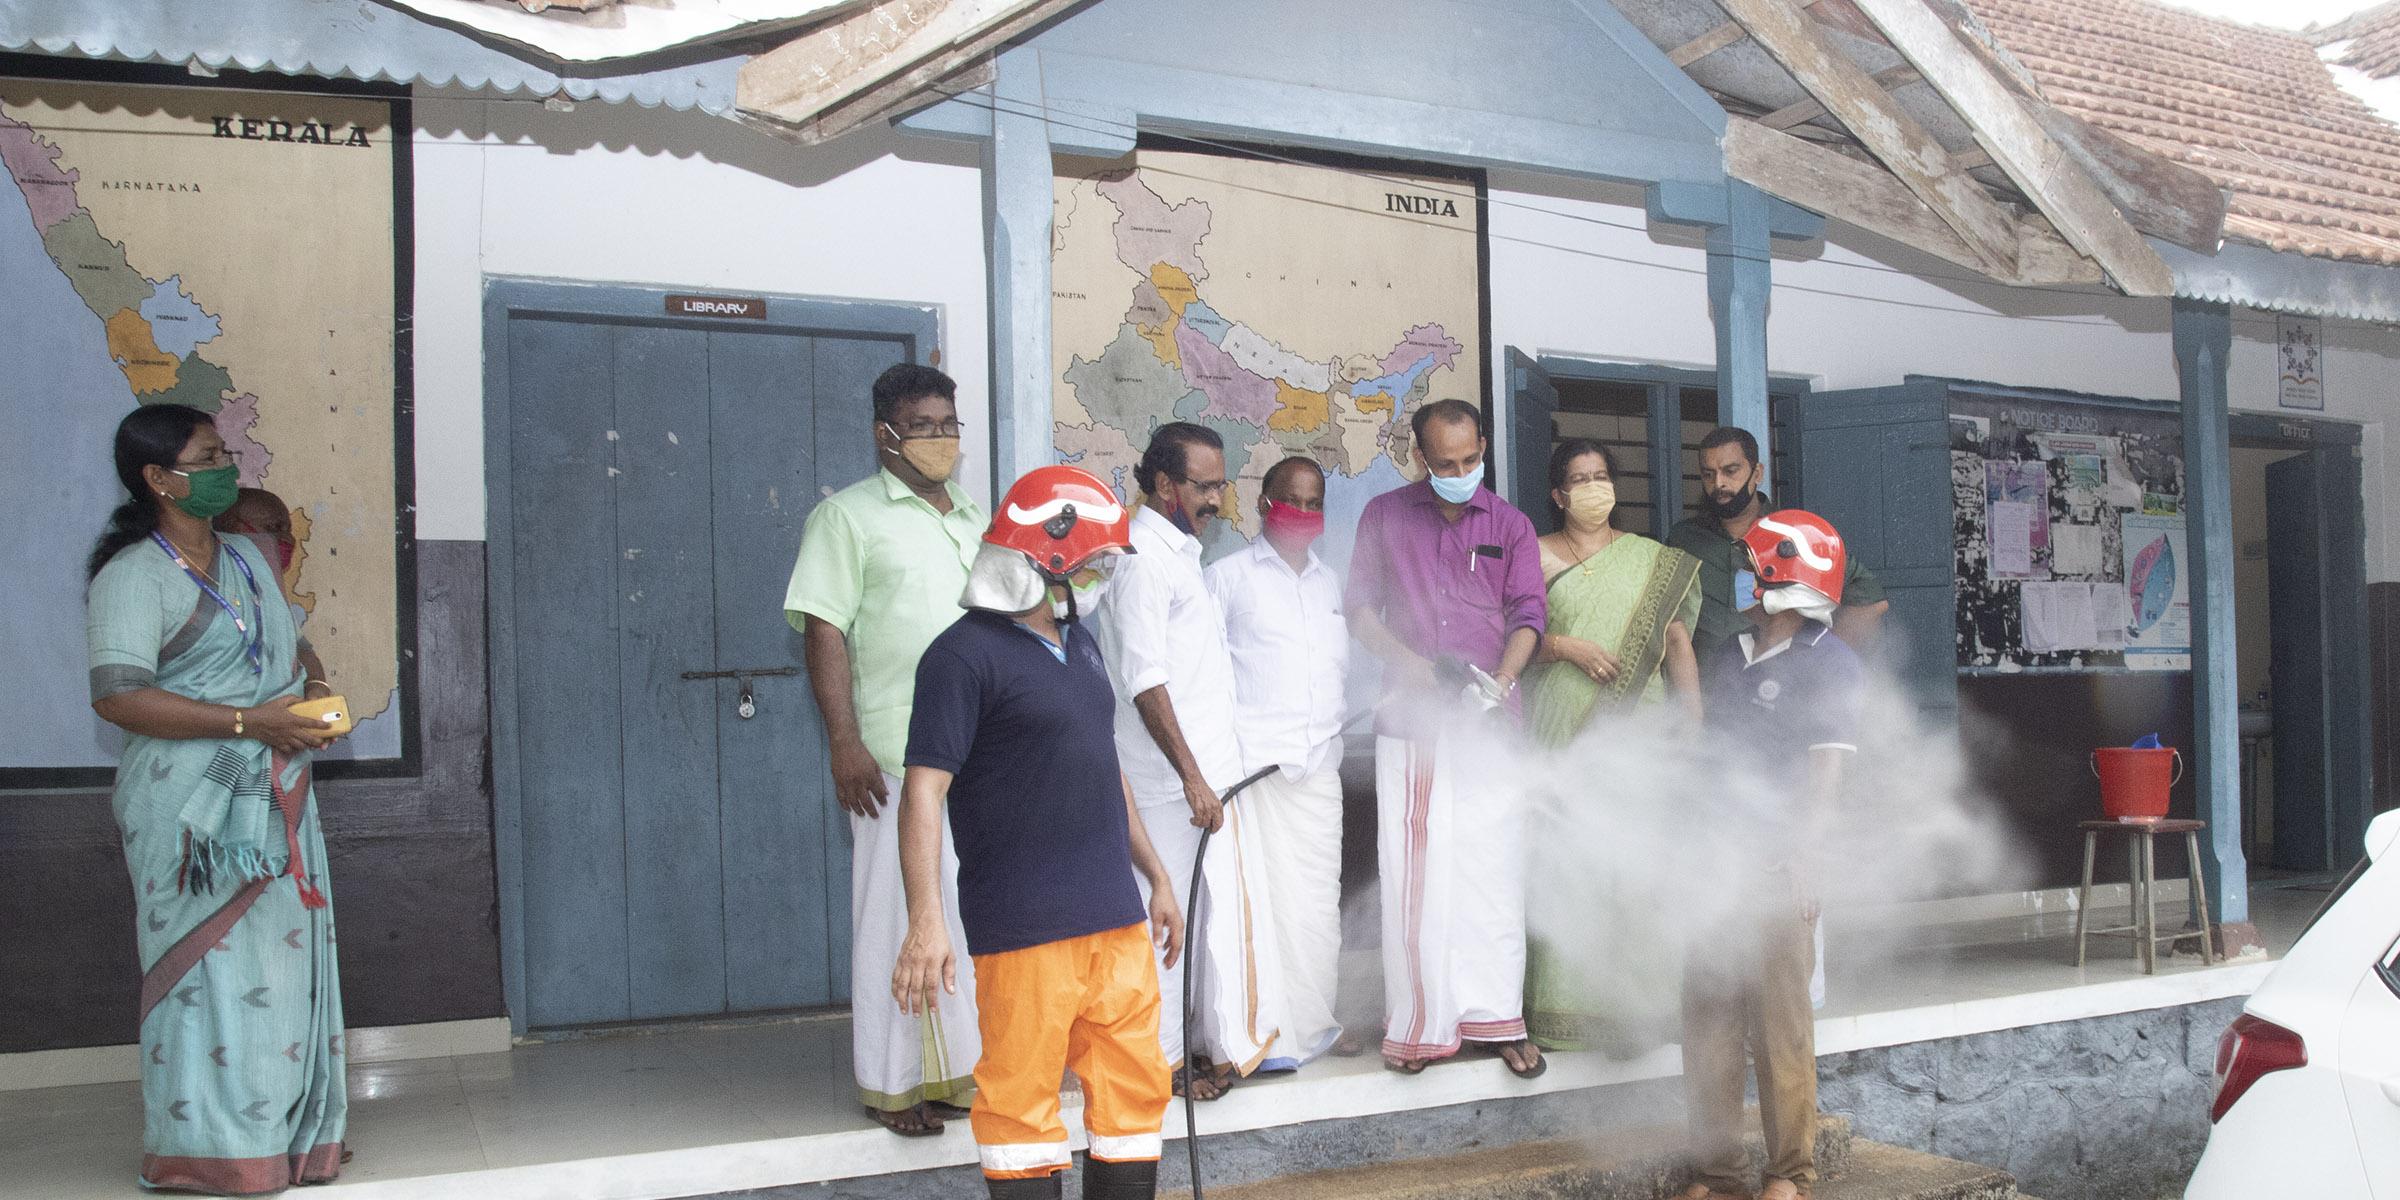 Photo of മൂവാറ്റുപുഴയില് എസ്.എസ്.എല്.സി.പ്ലസ്ടു പരീക്ഷകളുടെ ഒരുക്കങ്ങള് പൂര്ത്തിയായി.